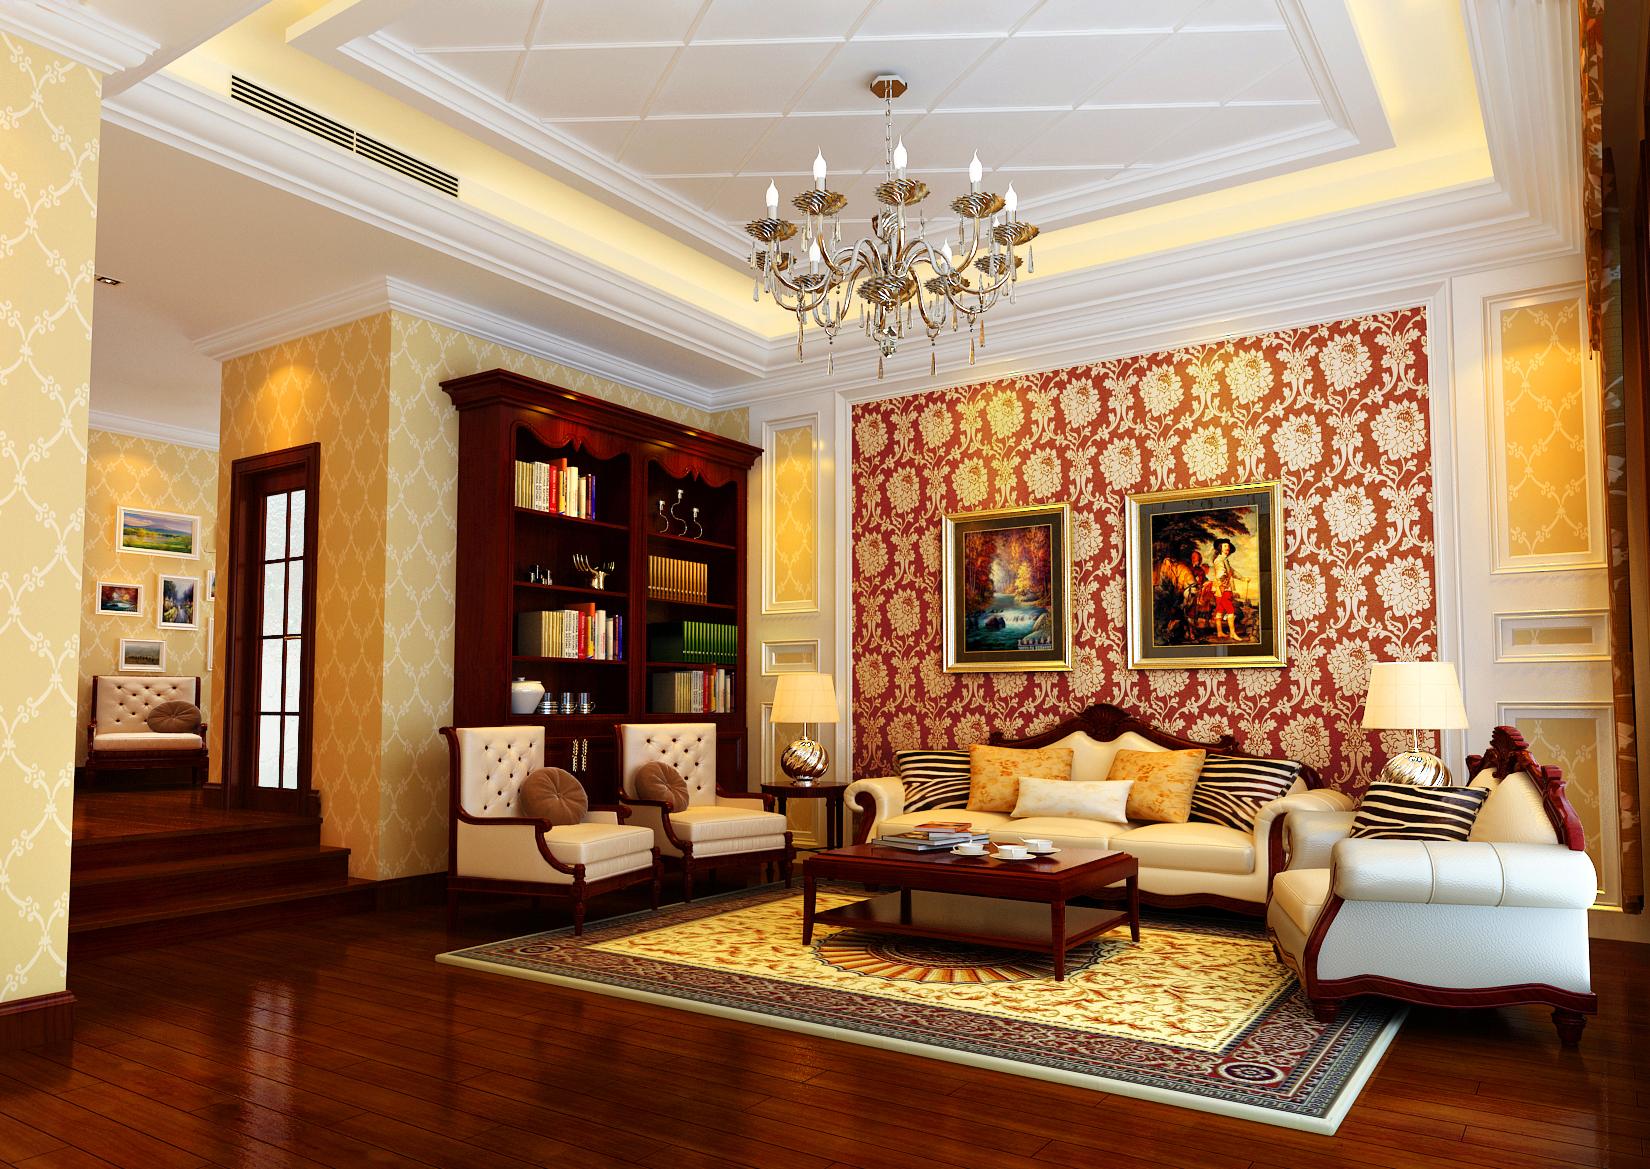 亮点:轻装修重装饰的理念,更完美的突出了业主的品味。偏古典的地板颜色很好的衬托了欧式风格,油画的感觉更添增了几分欧式的韵味,天棚的造型与墙面的造型很完美的结合到了一起。把零散的家具以及配饰很好的围合到了一起。